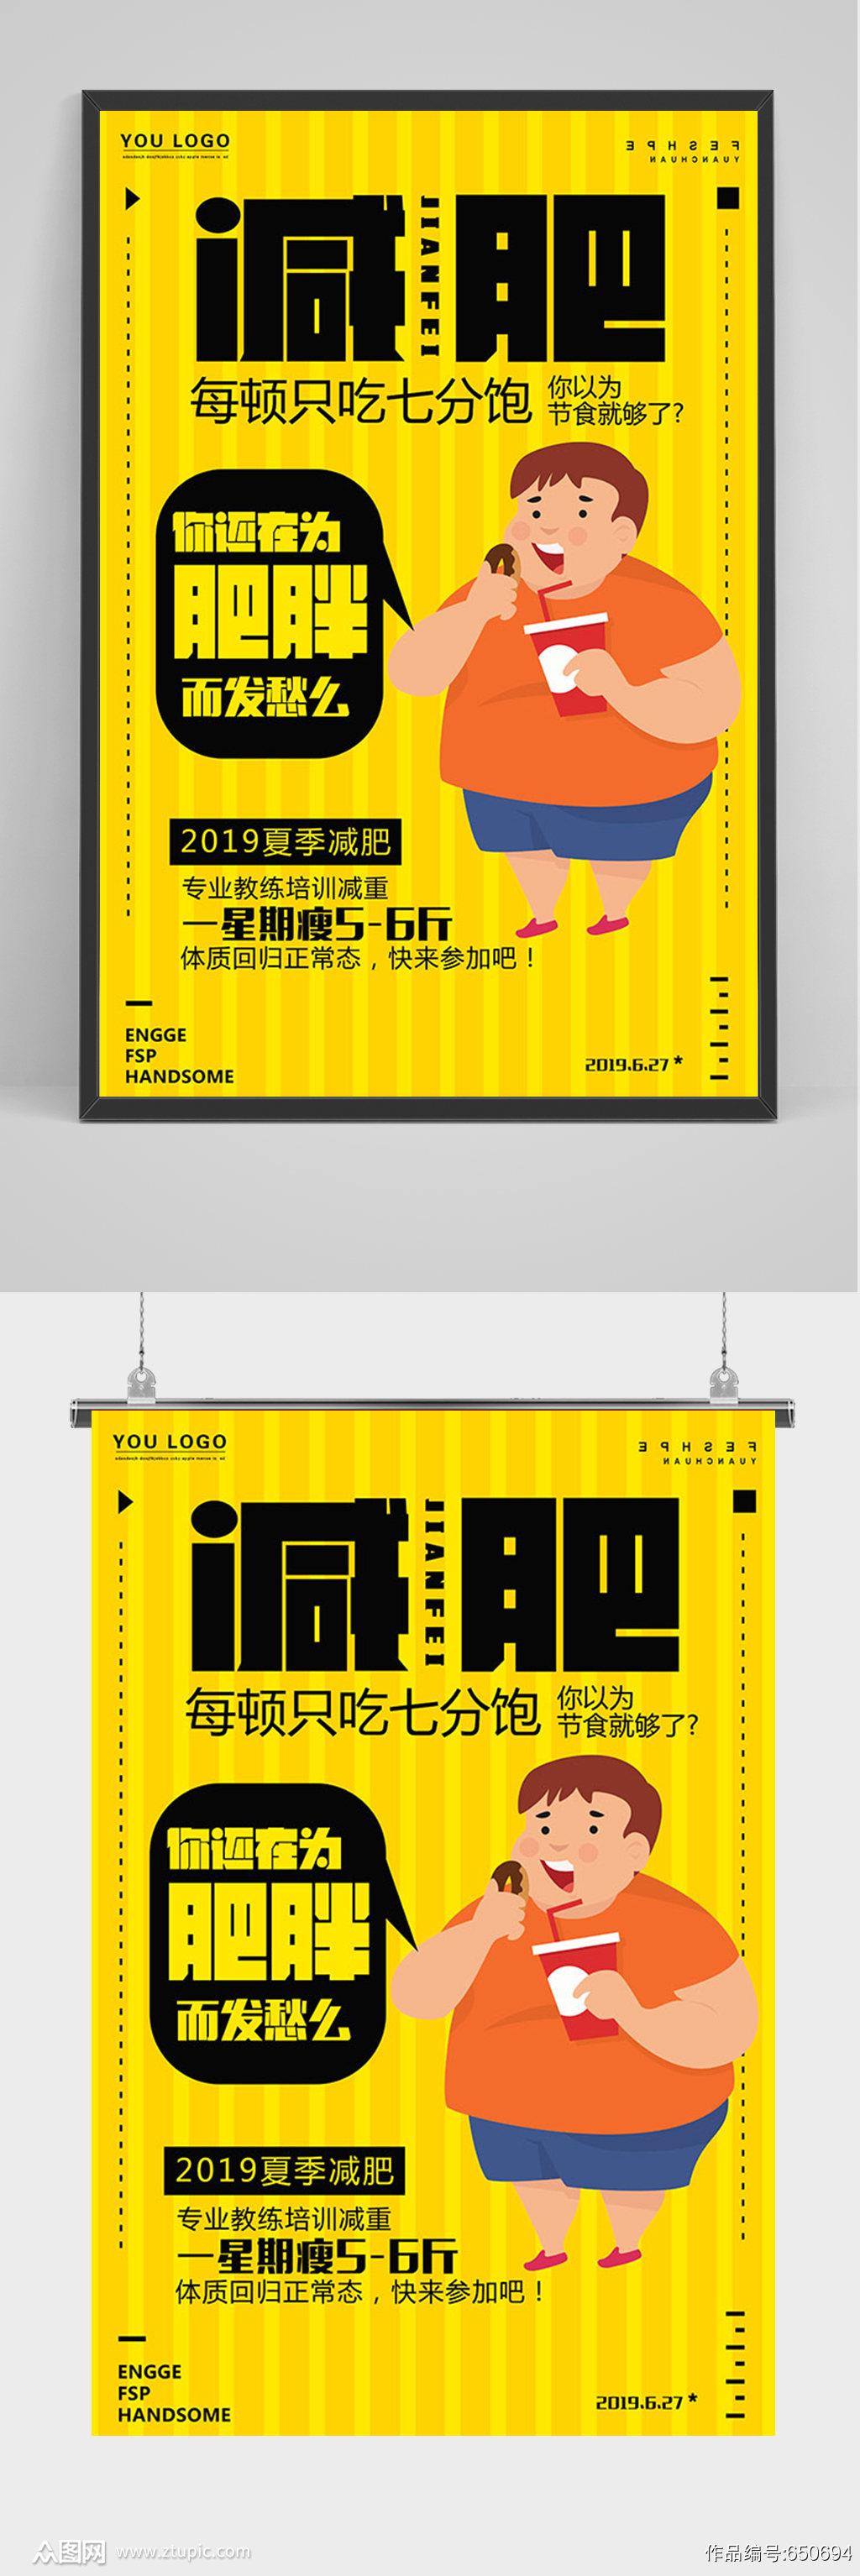 黄色卡通减肥海报素材